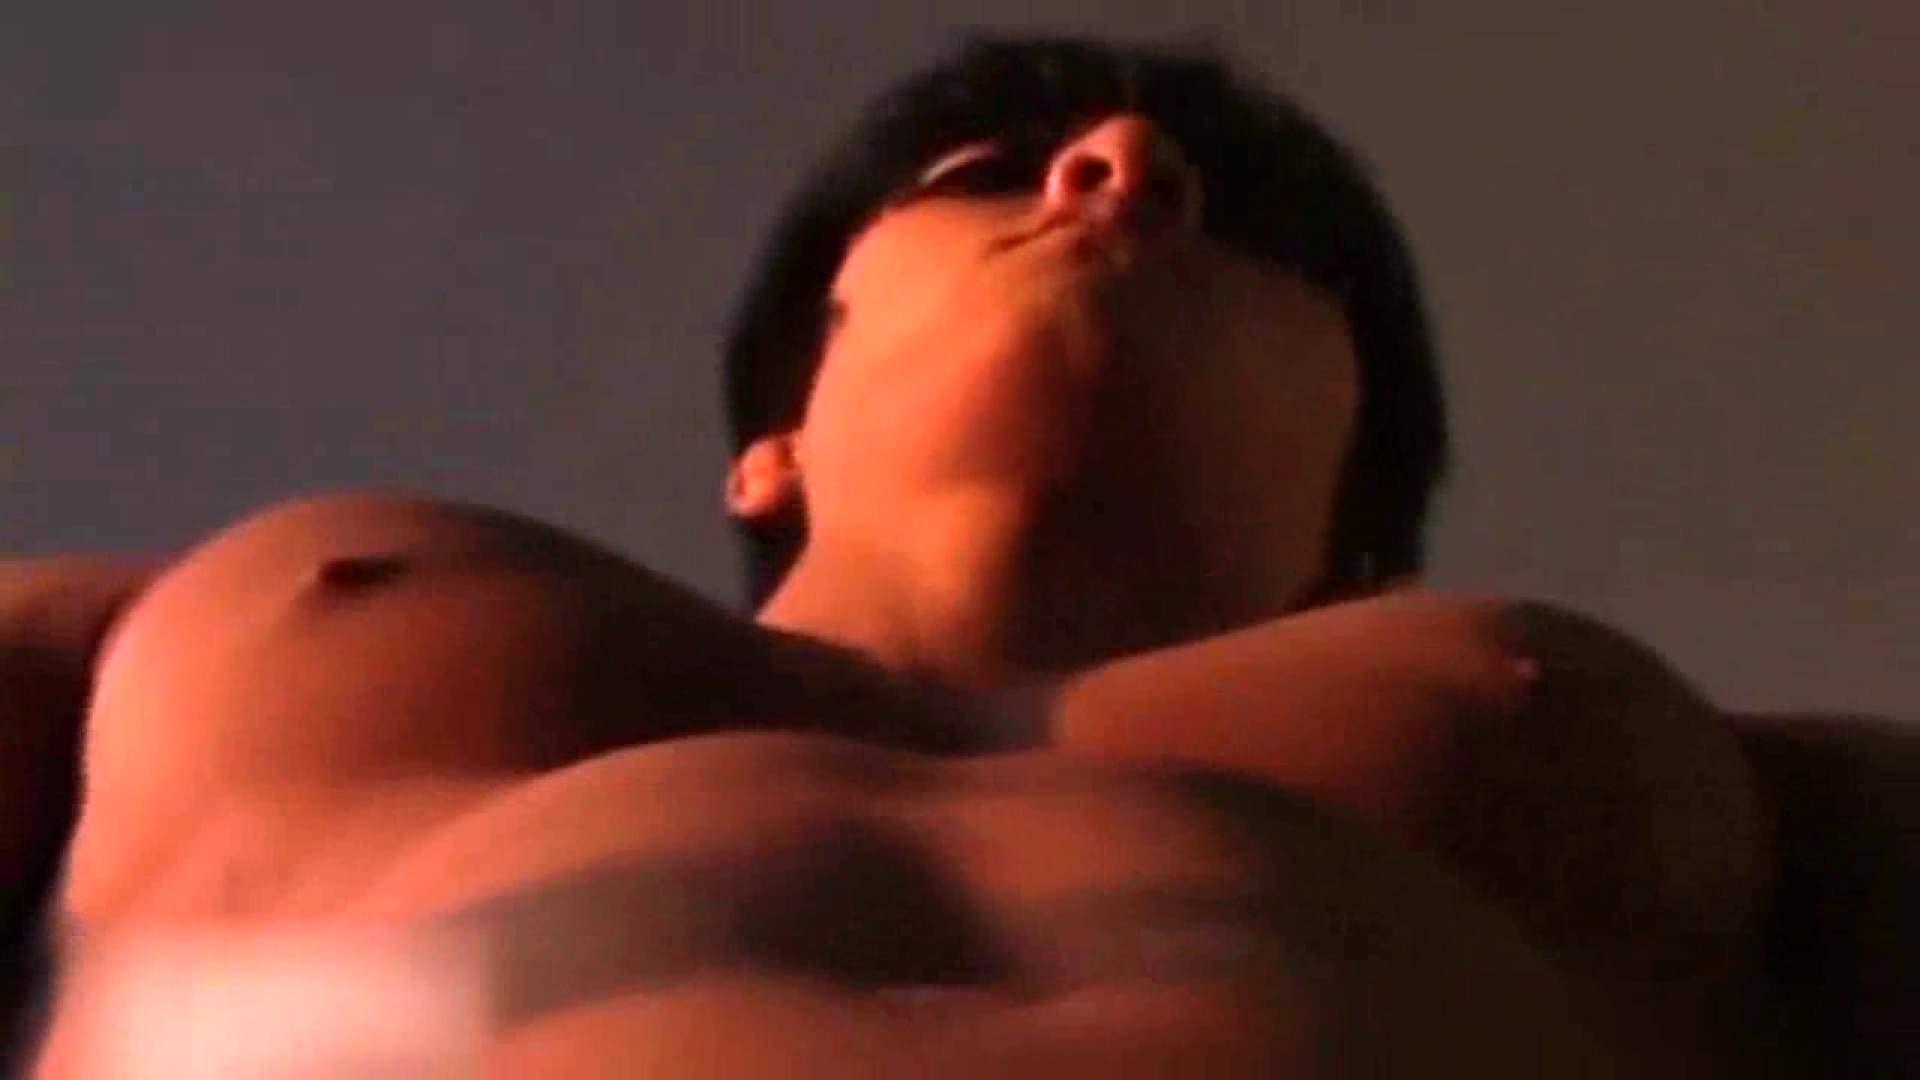 イケメンマッチョの「俺のオナニー!」 スポーツマン  86pic 48